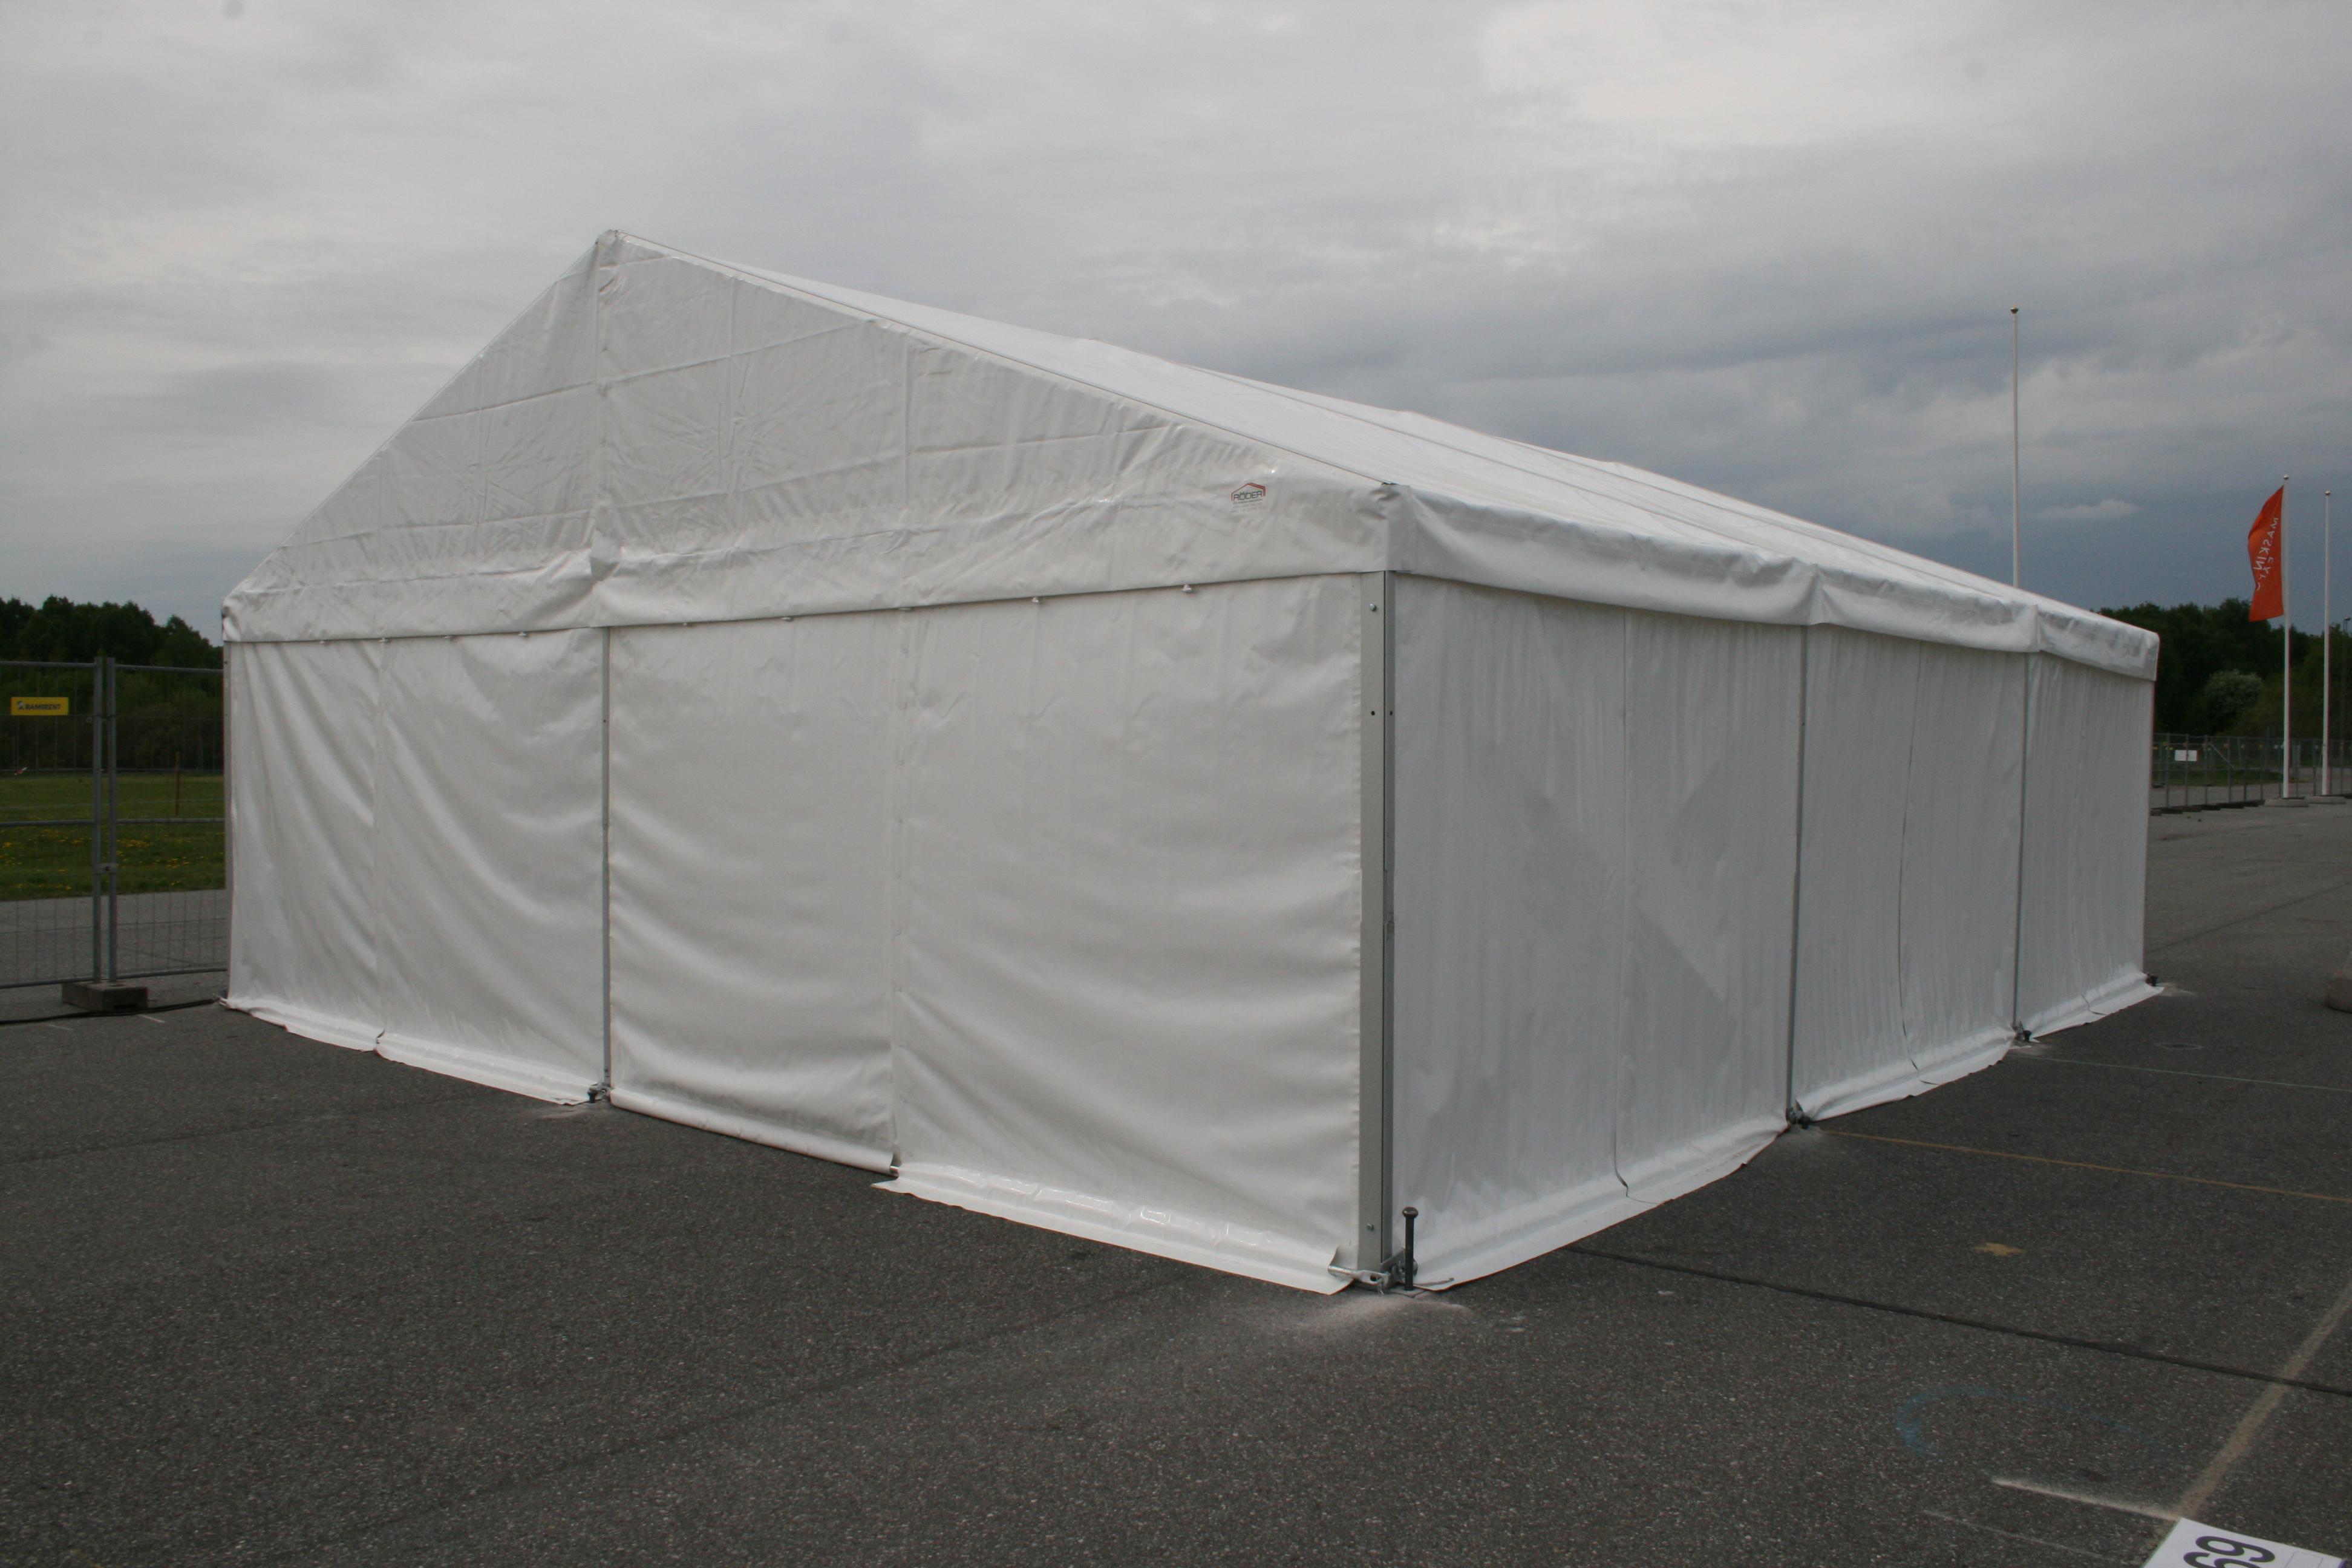 Trägolv till tält One 4 event